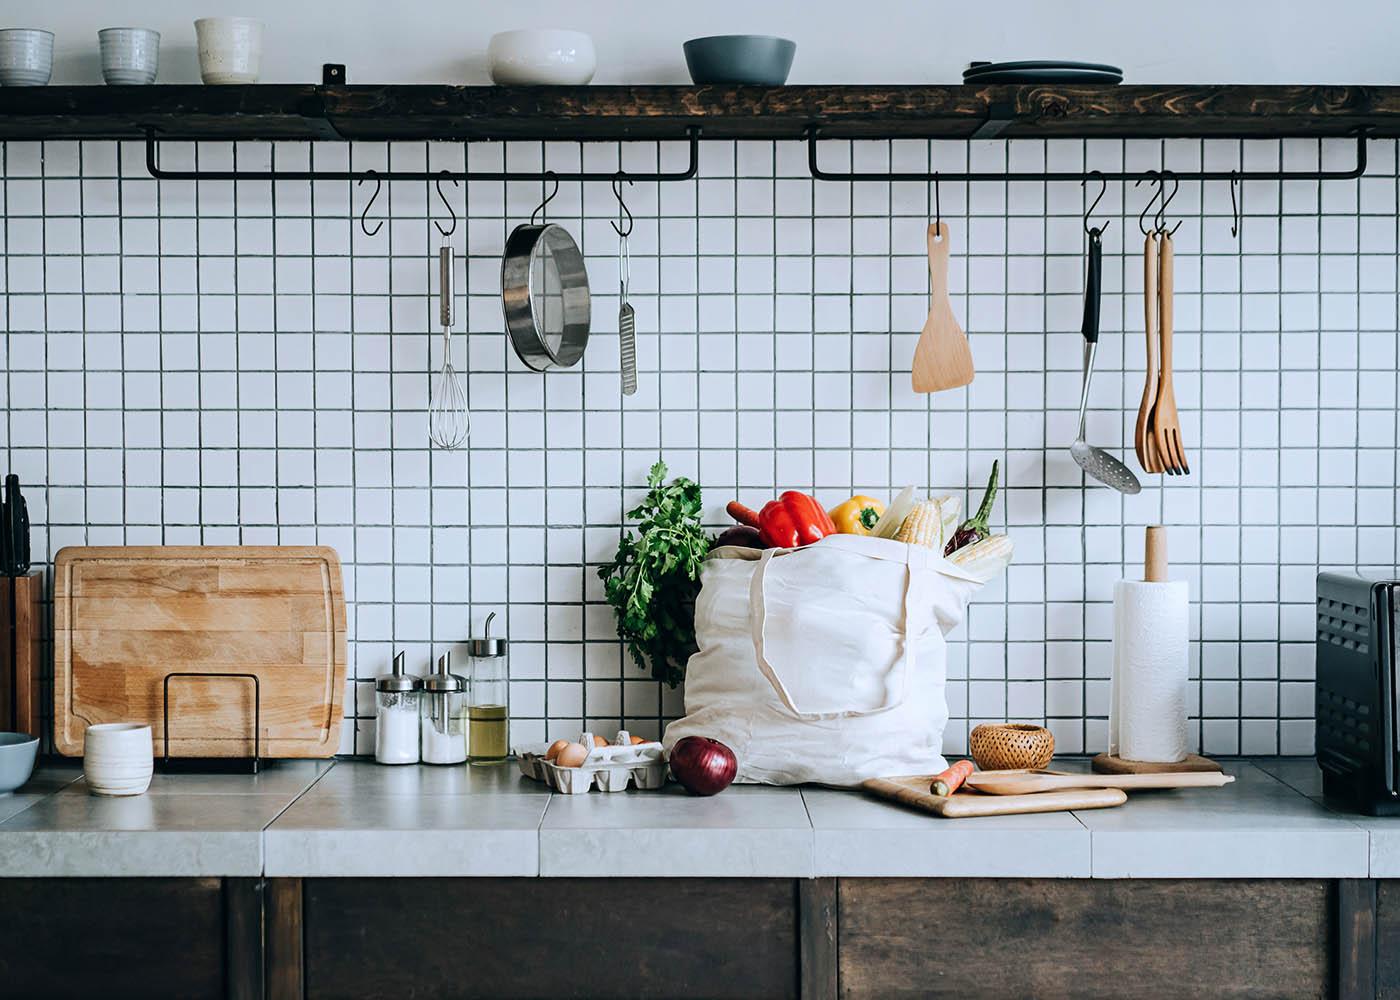 acessórios de cozinha